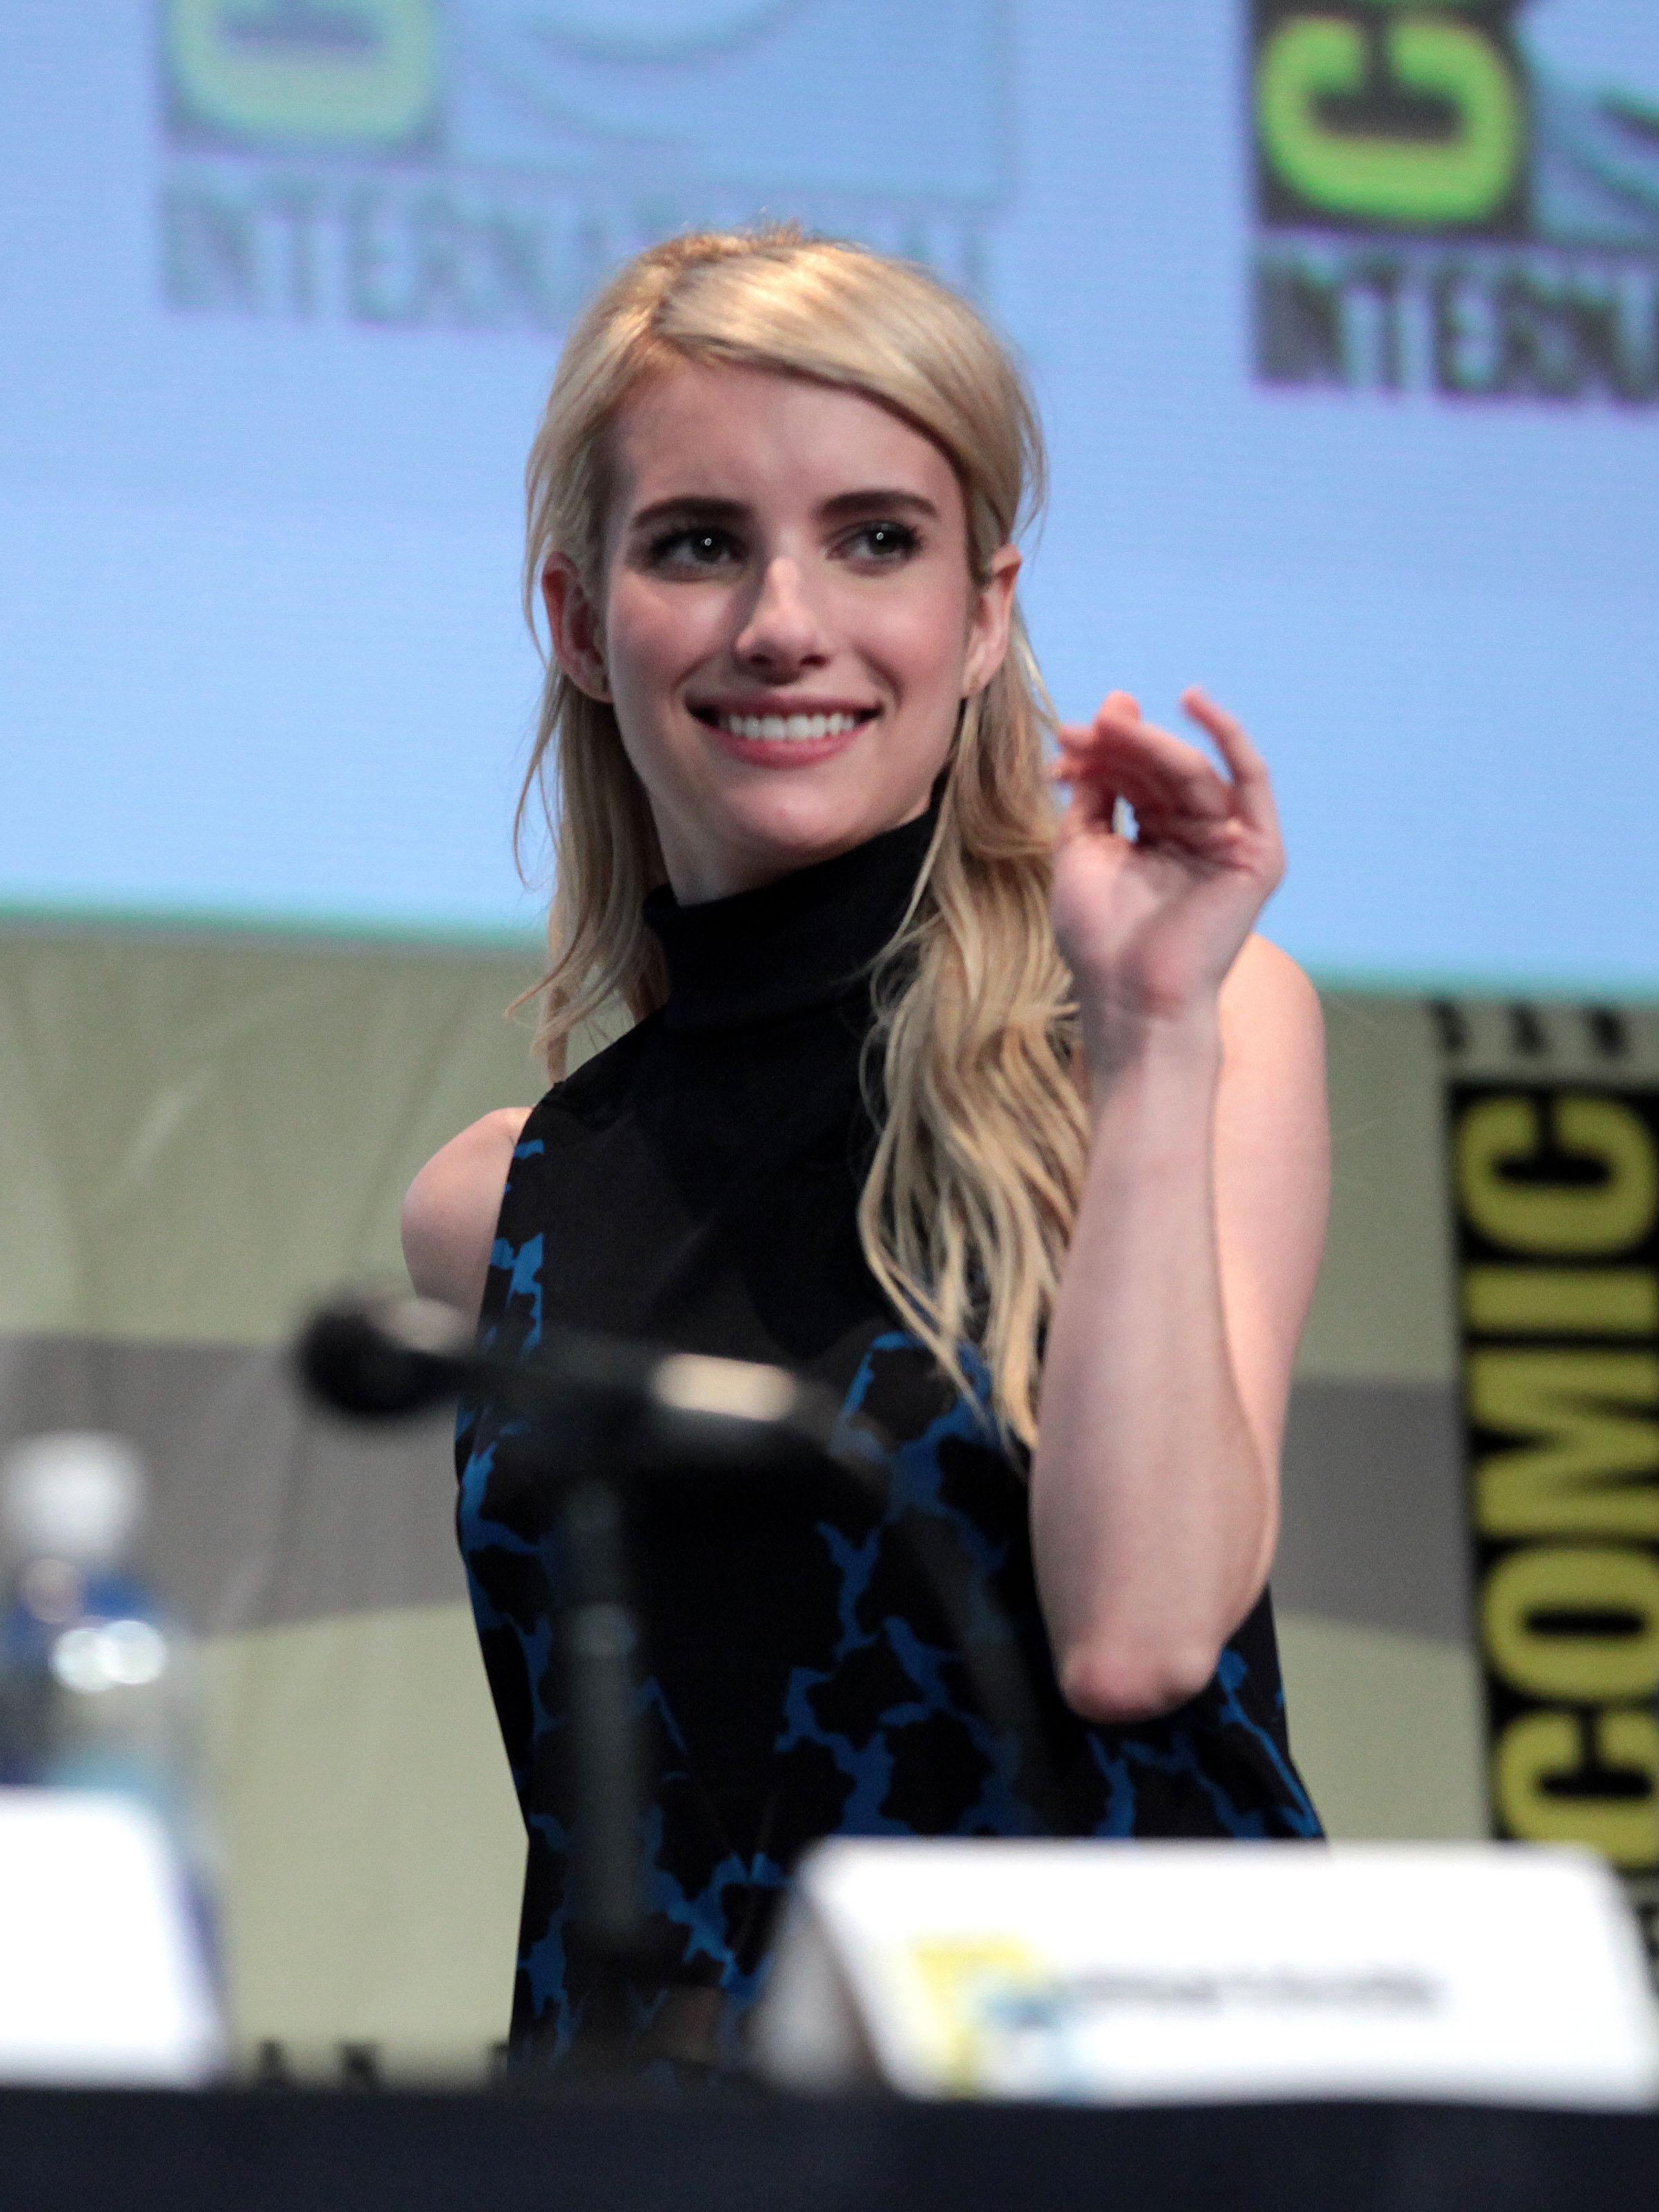 Emma Roberts Wikiquote